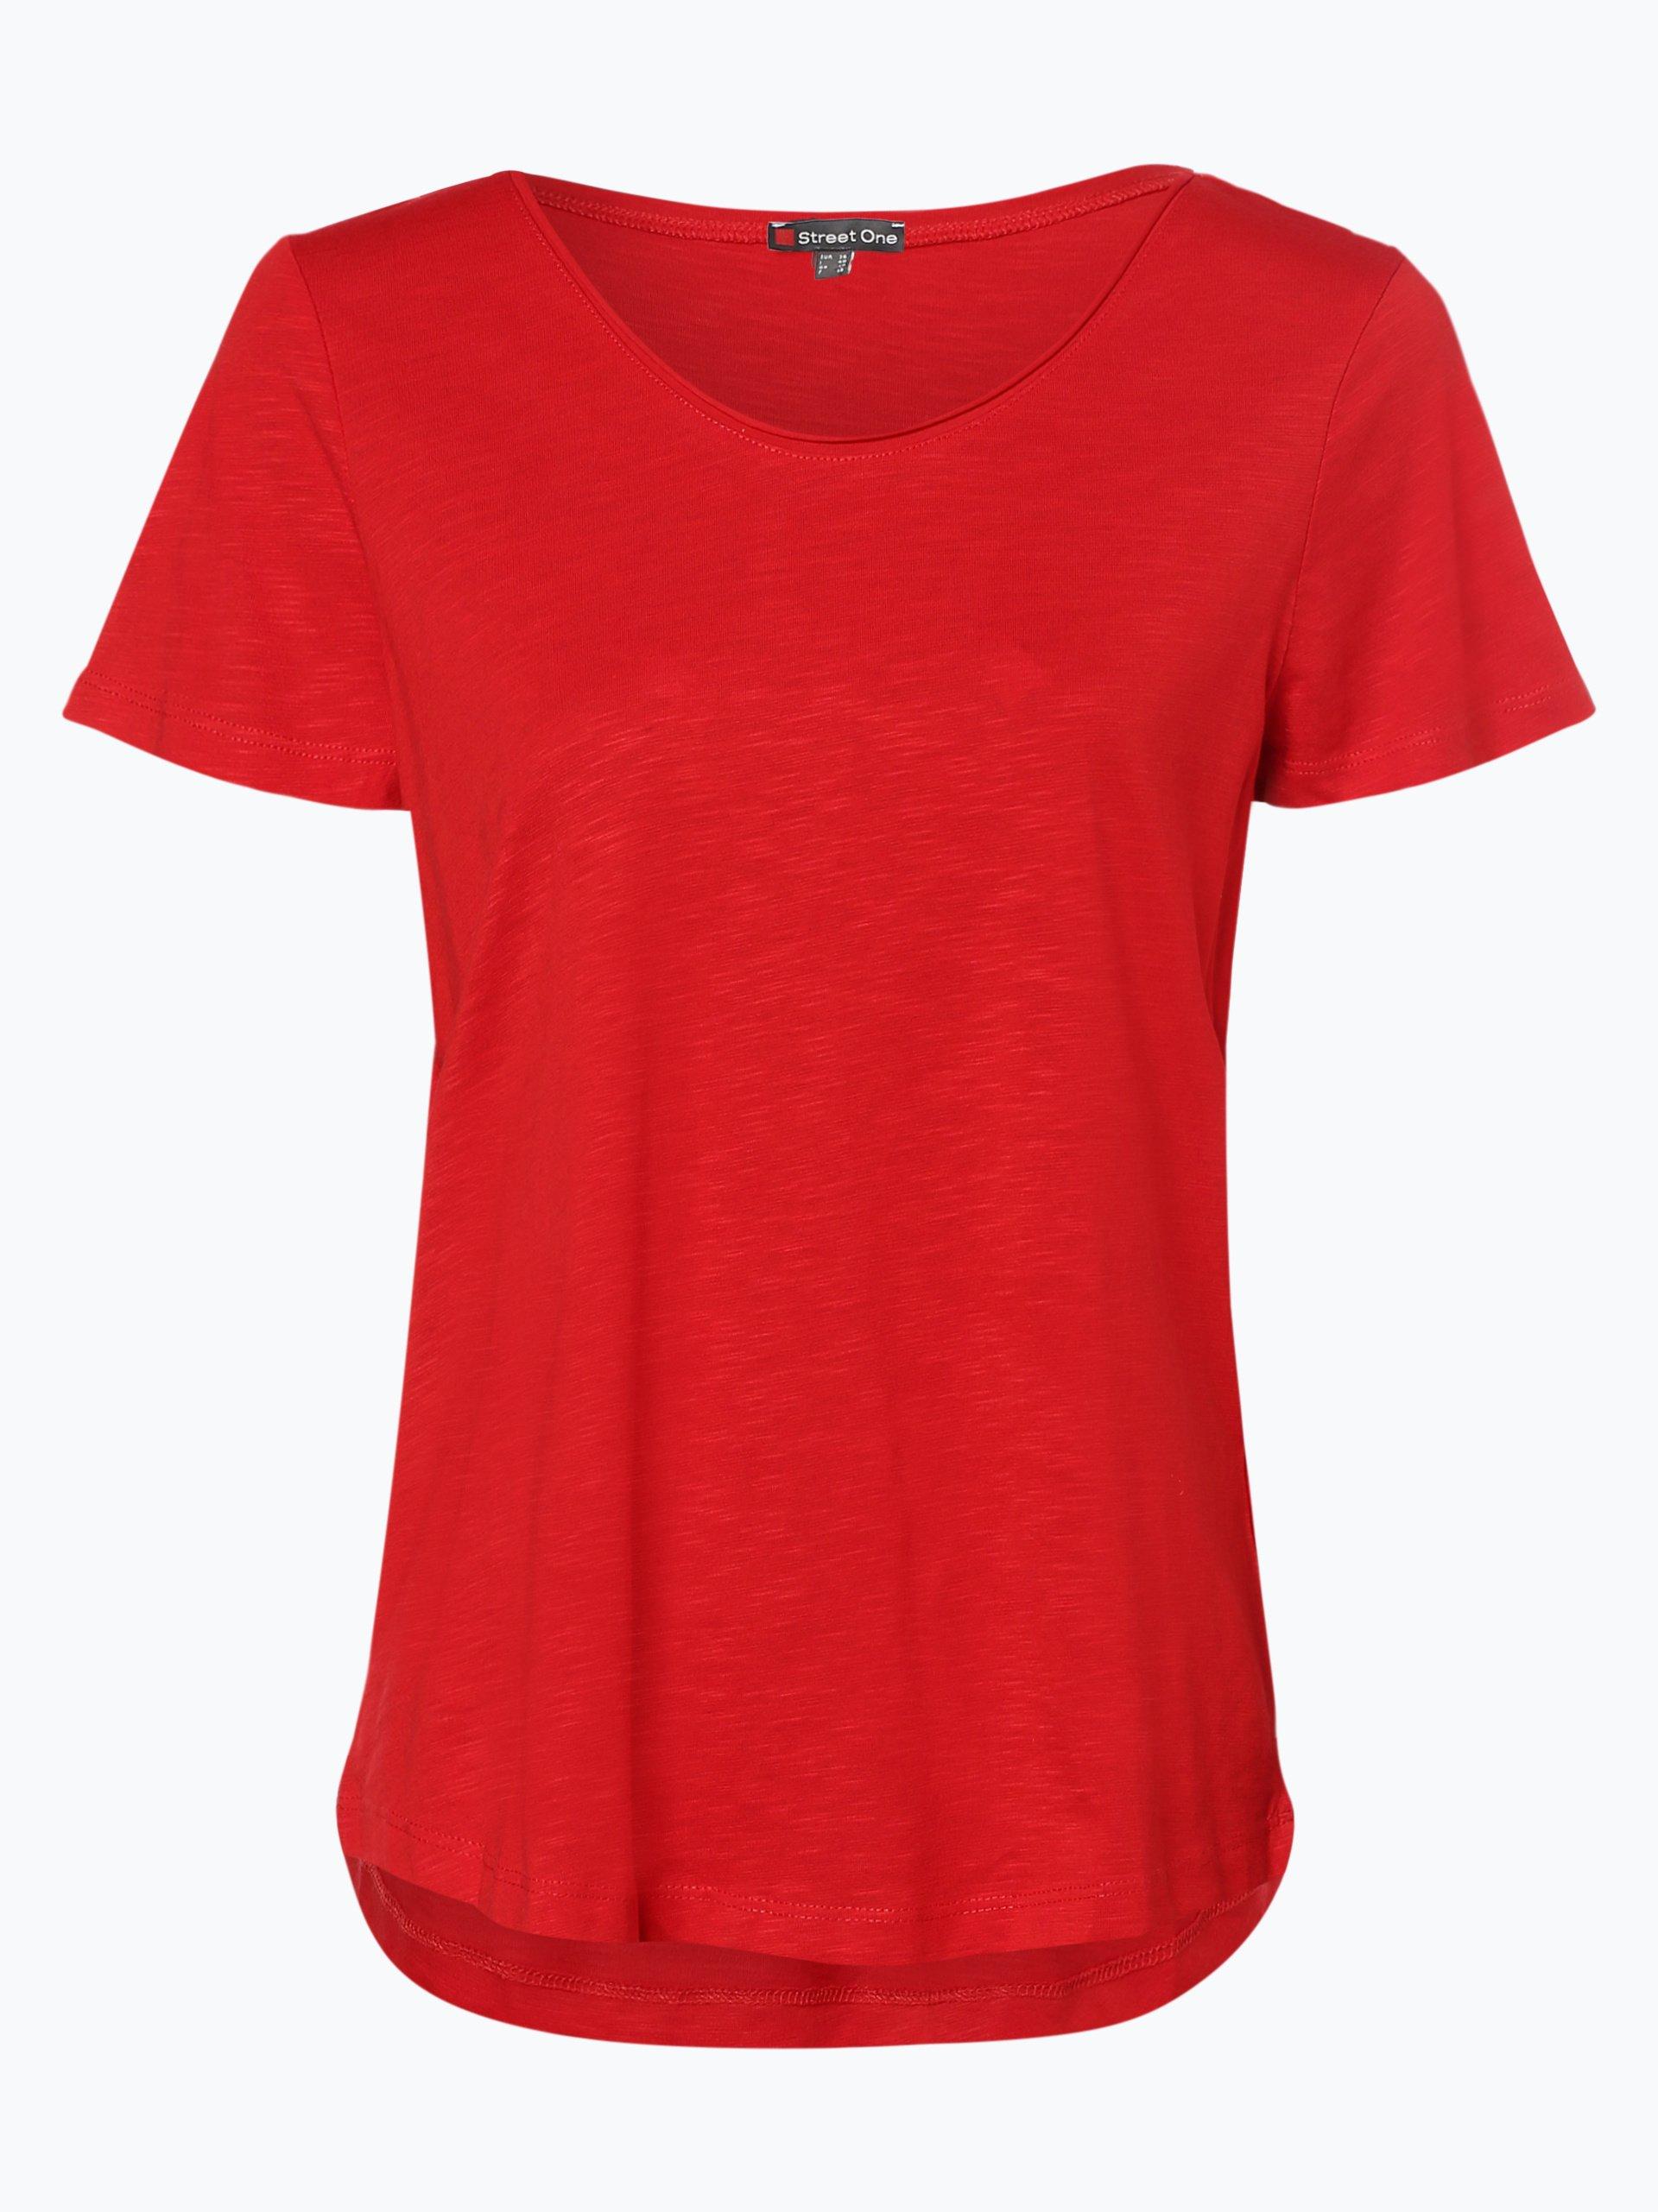 Street One Damen T-Shirt